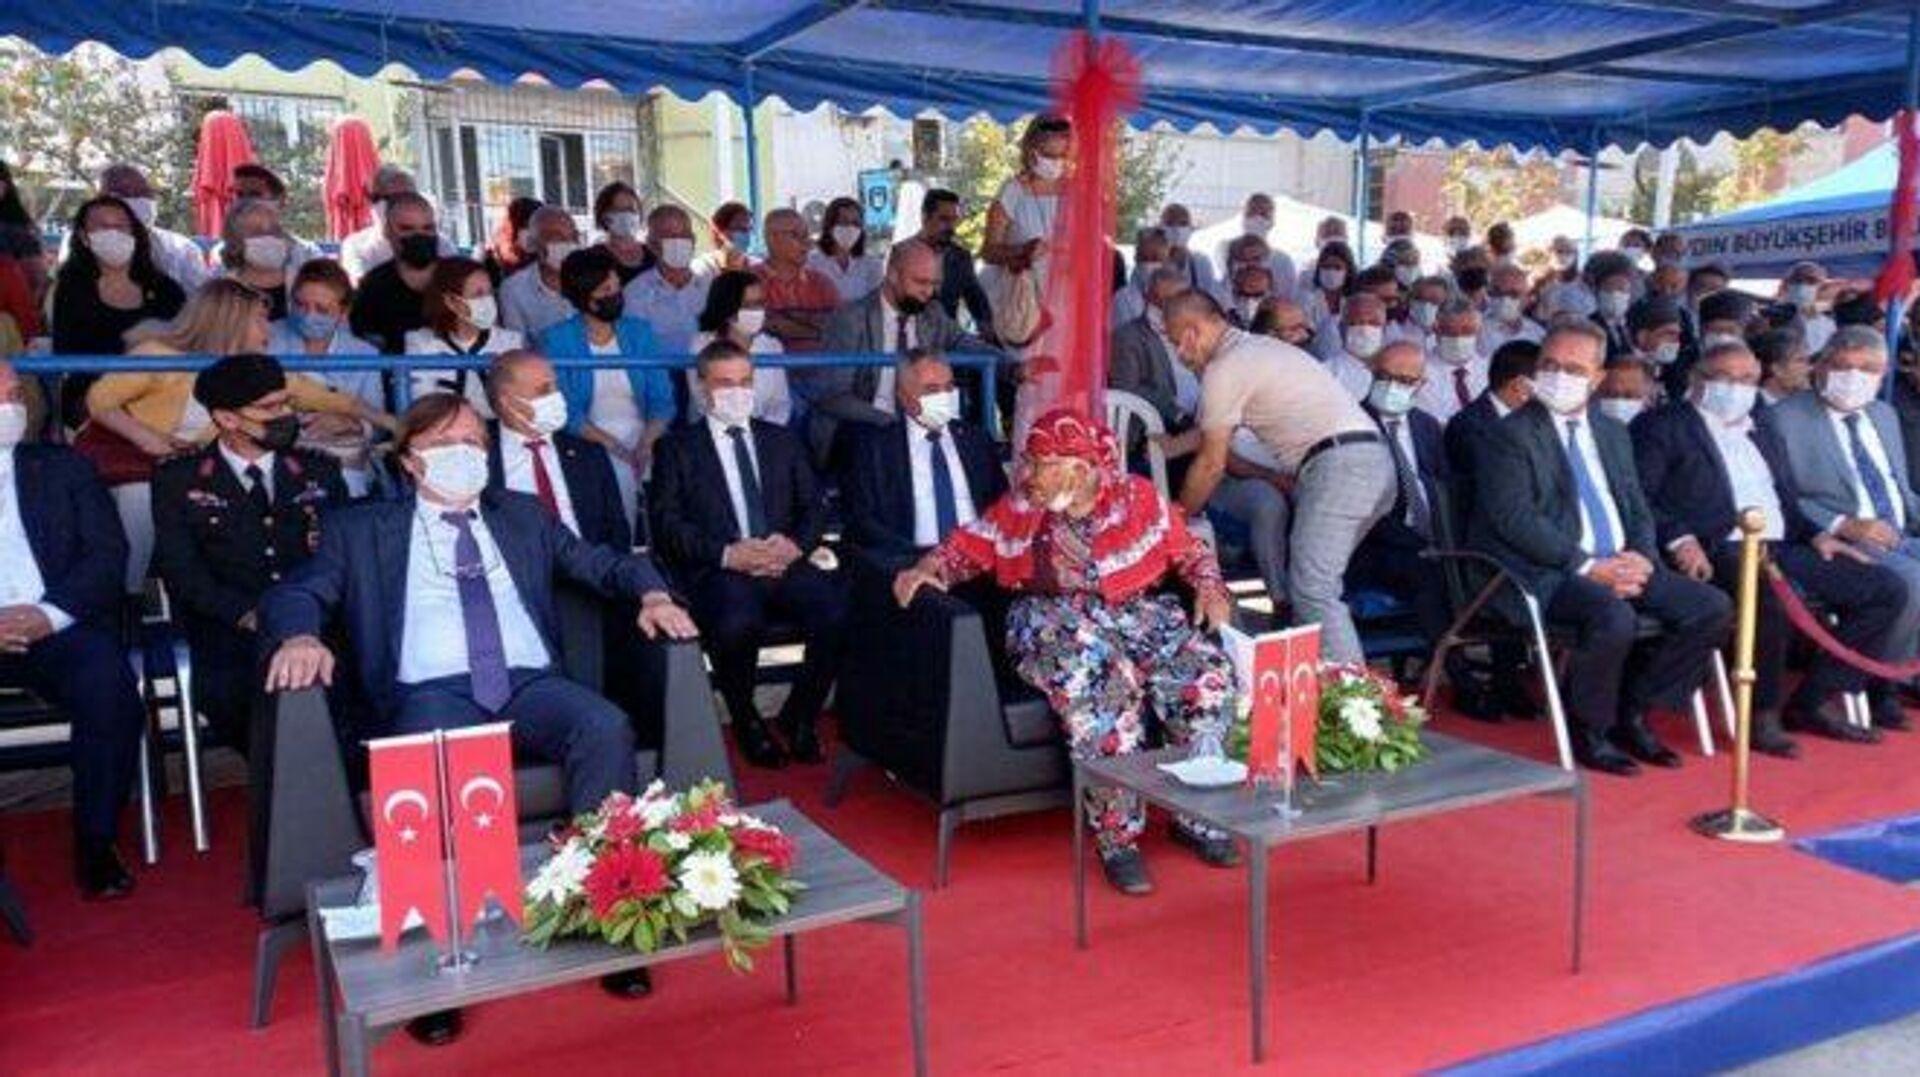 Büyükşehir belediye başkanının koltuğuna oturan yaşlı kadını güçlükle ikna ettiler - Sputnik Türkiye, 1920, 07.09.2021